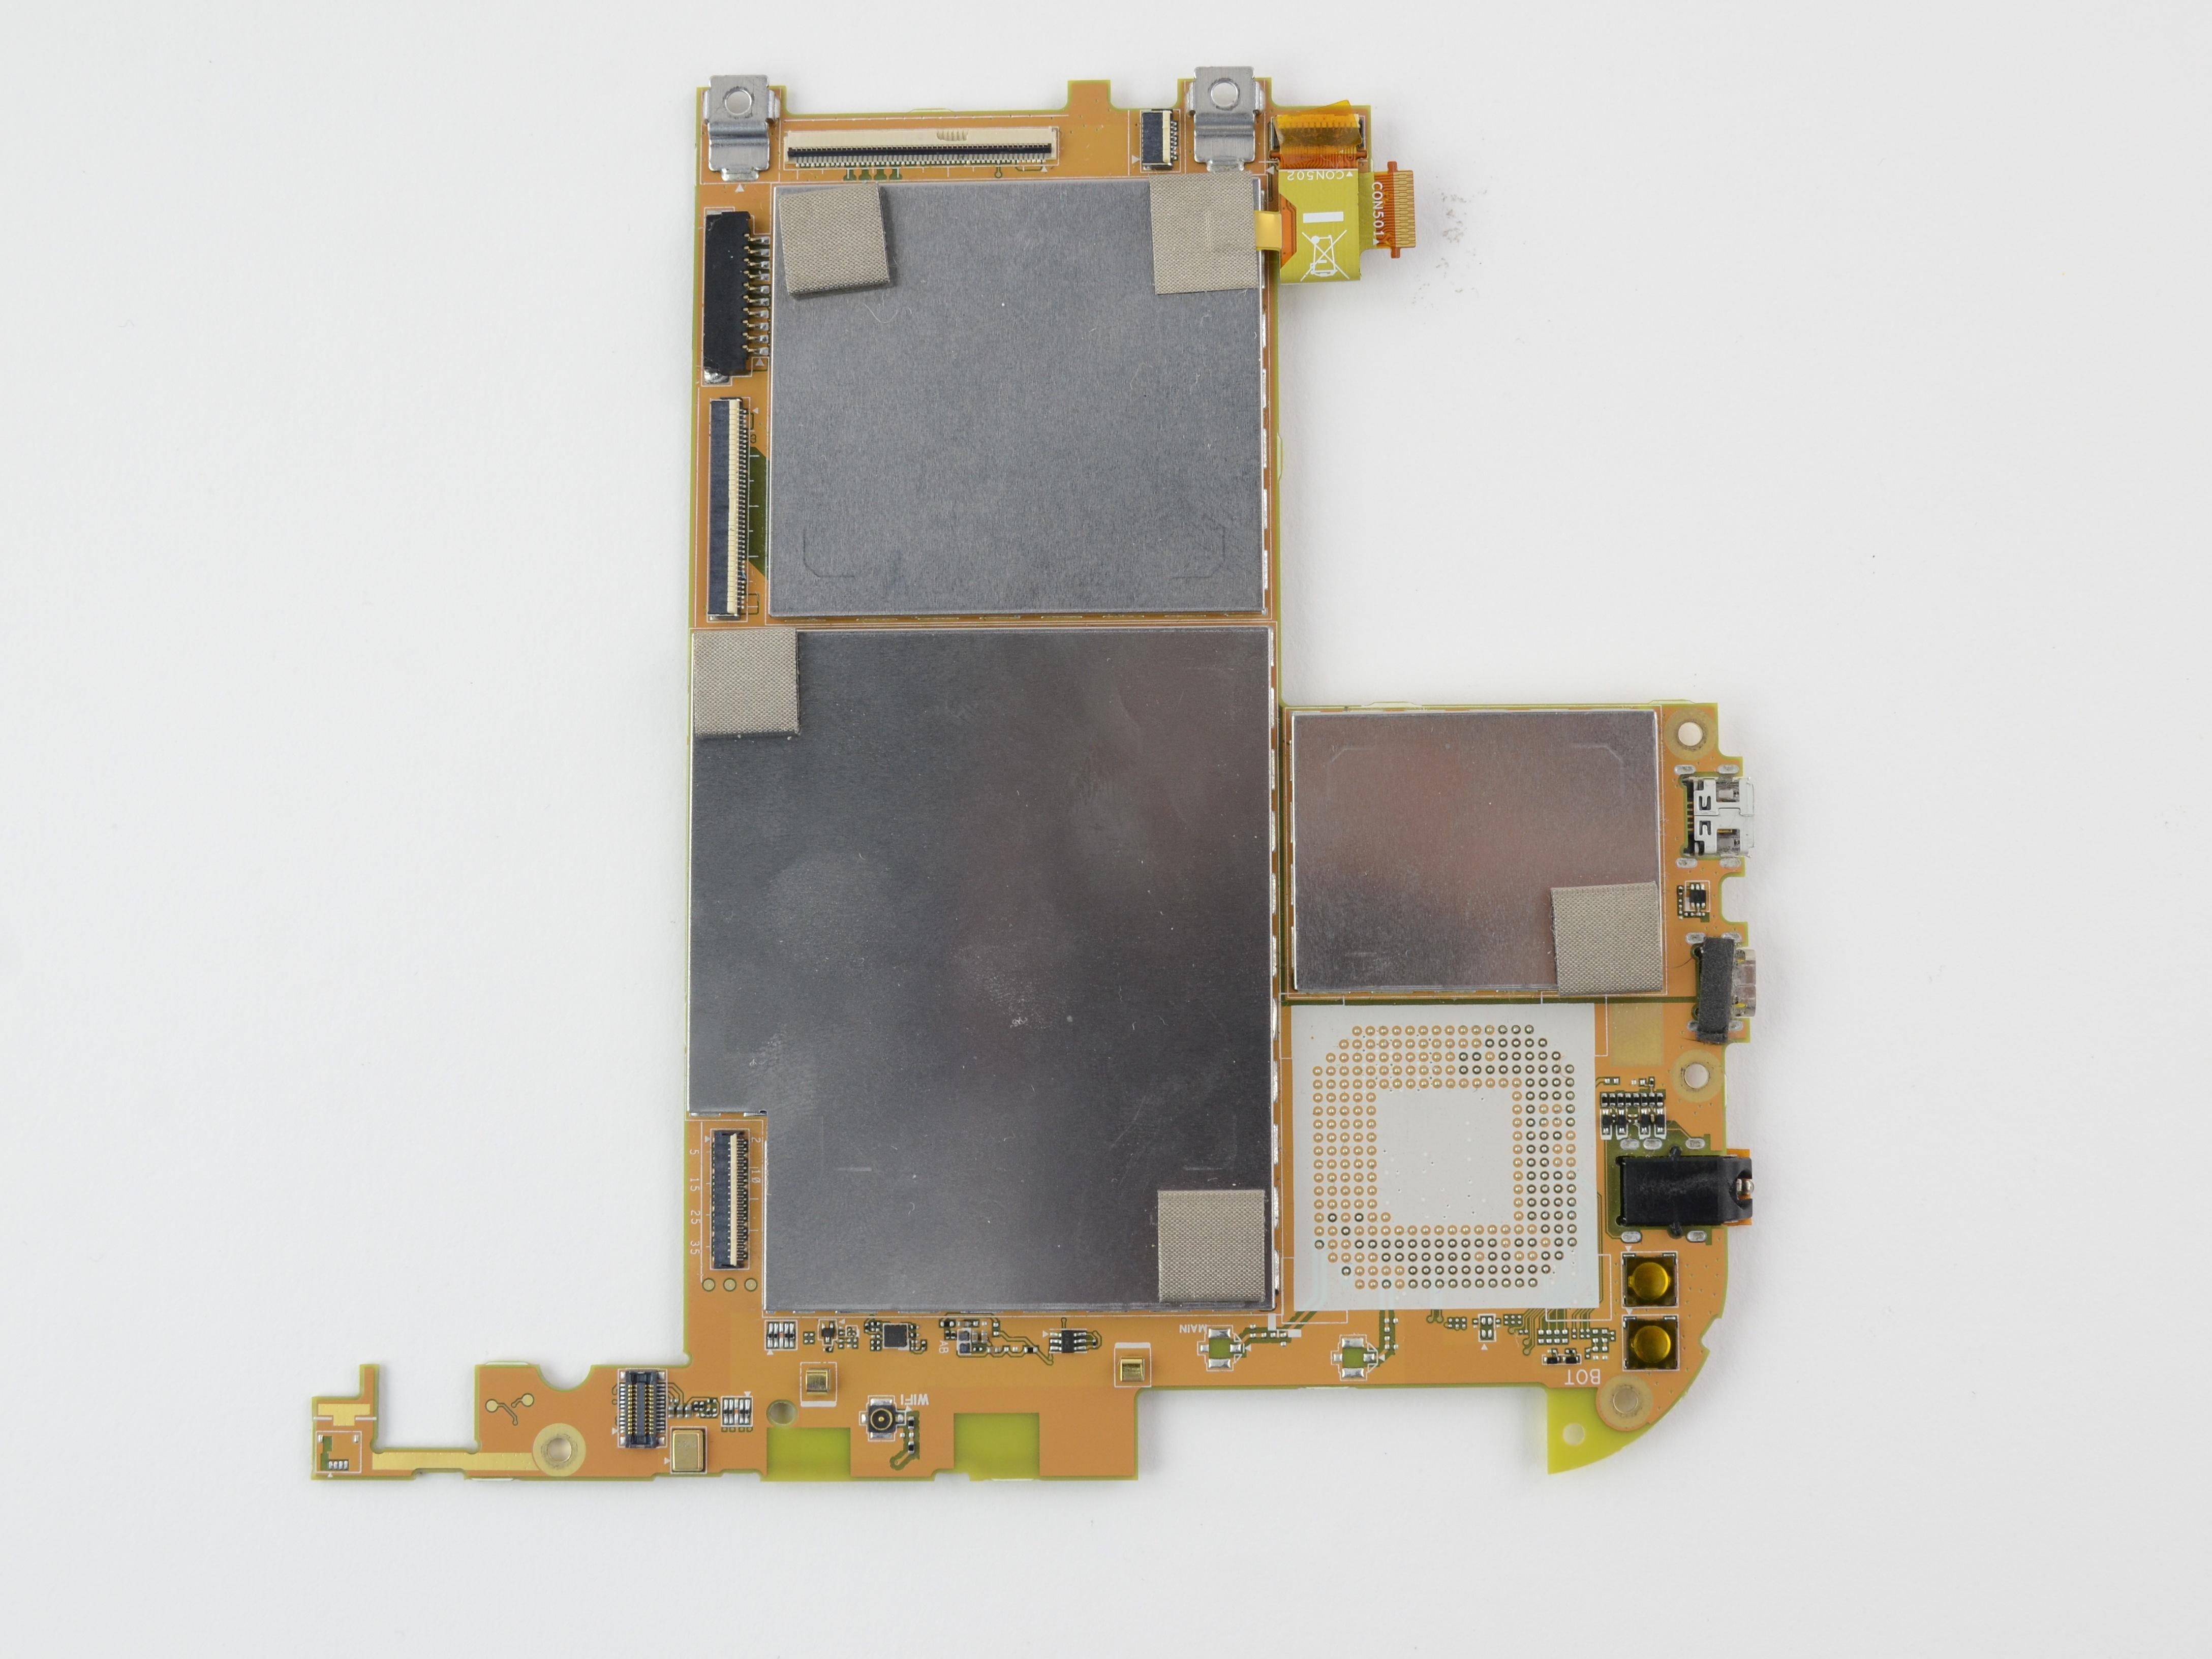 Toshiba Excite 10 AT300 Repair - iFixit